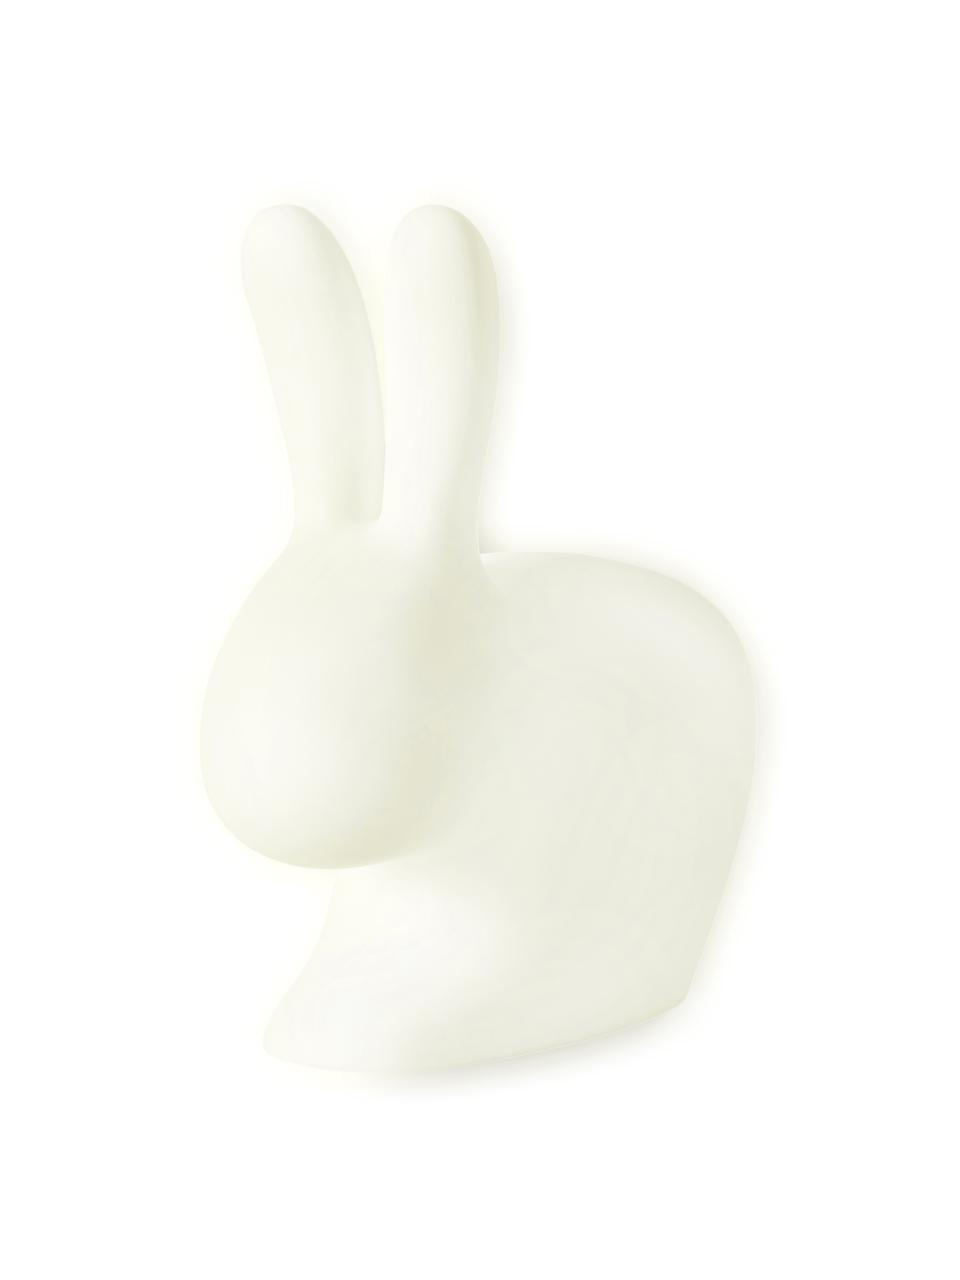 LED-Außen-Bodenleuchte Rabbit, Kunststoff (Polyethylen), Weiß, 69 x 80 cm